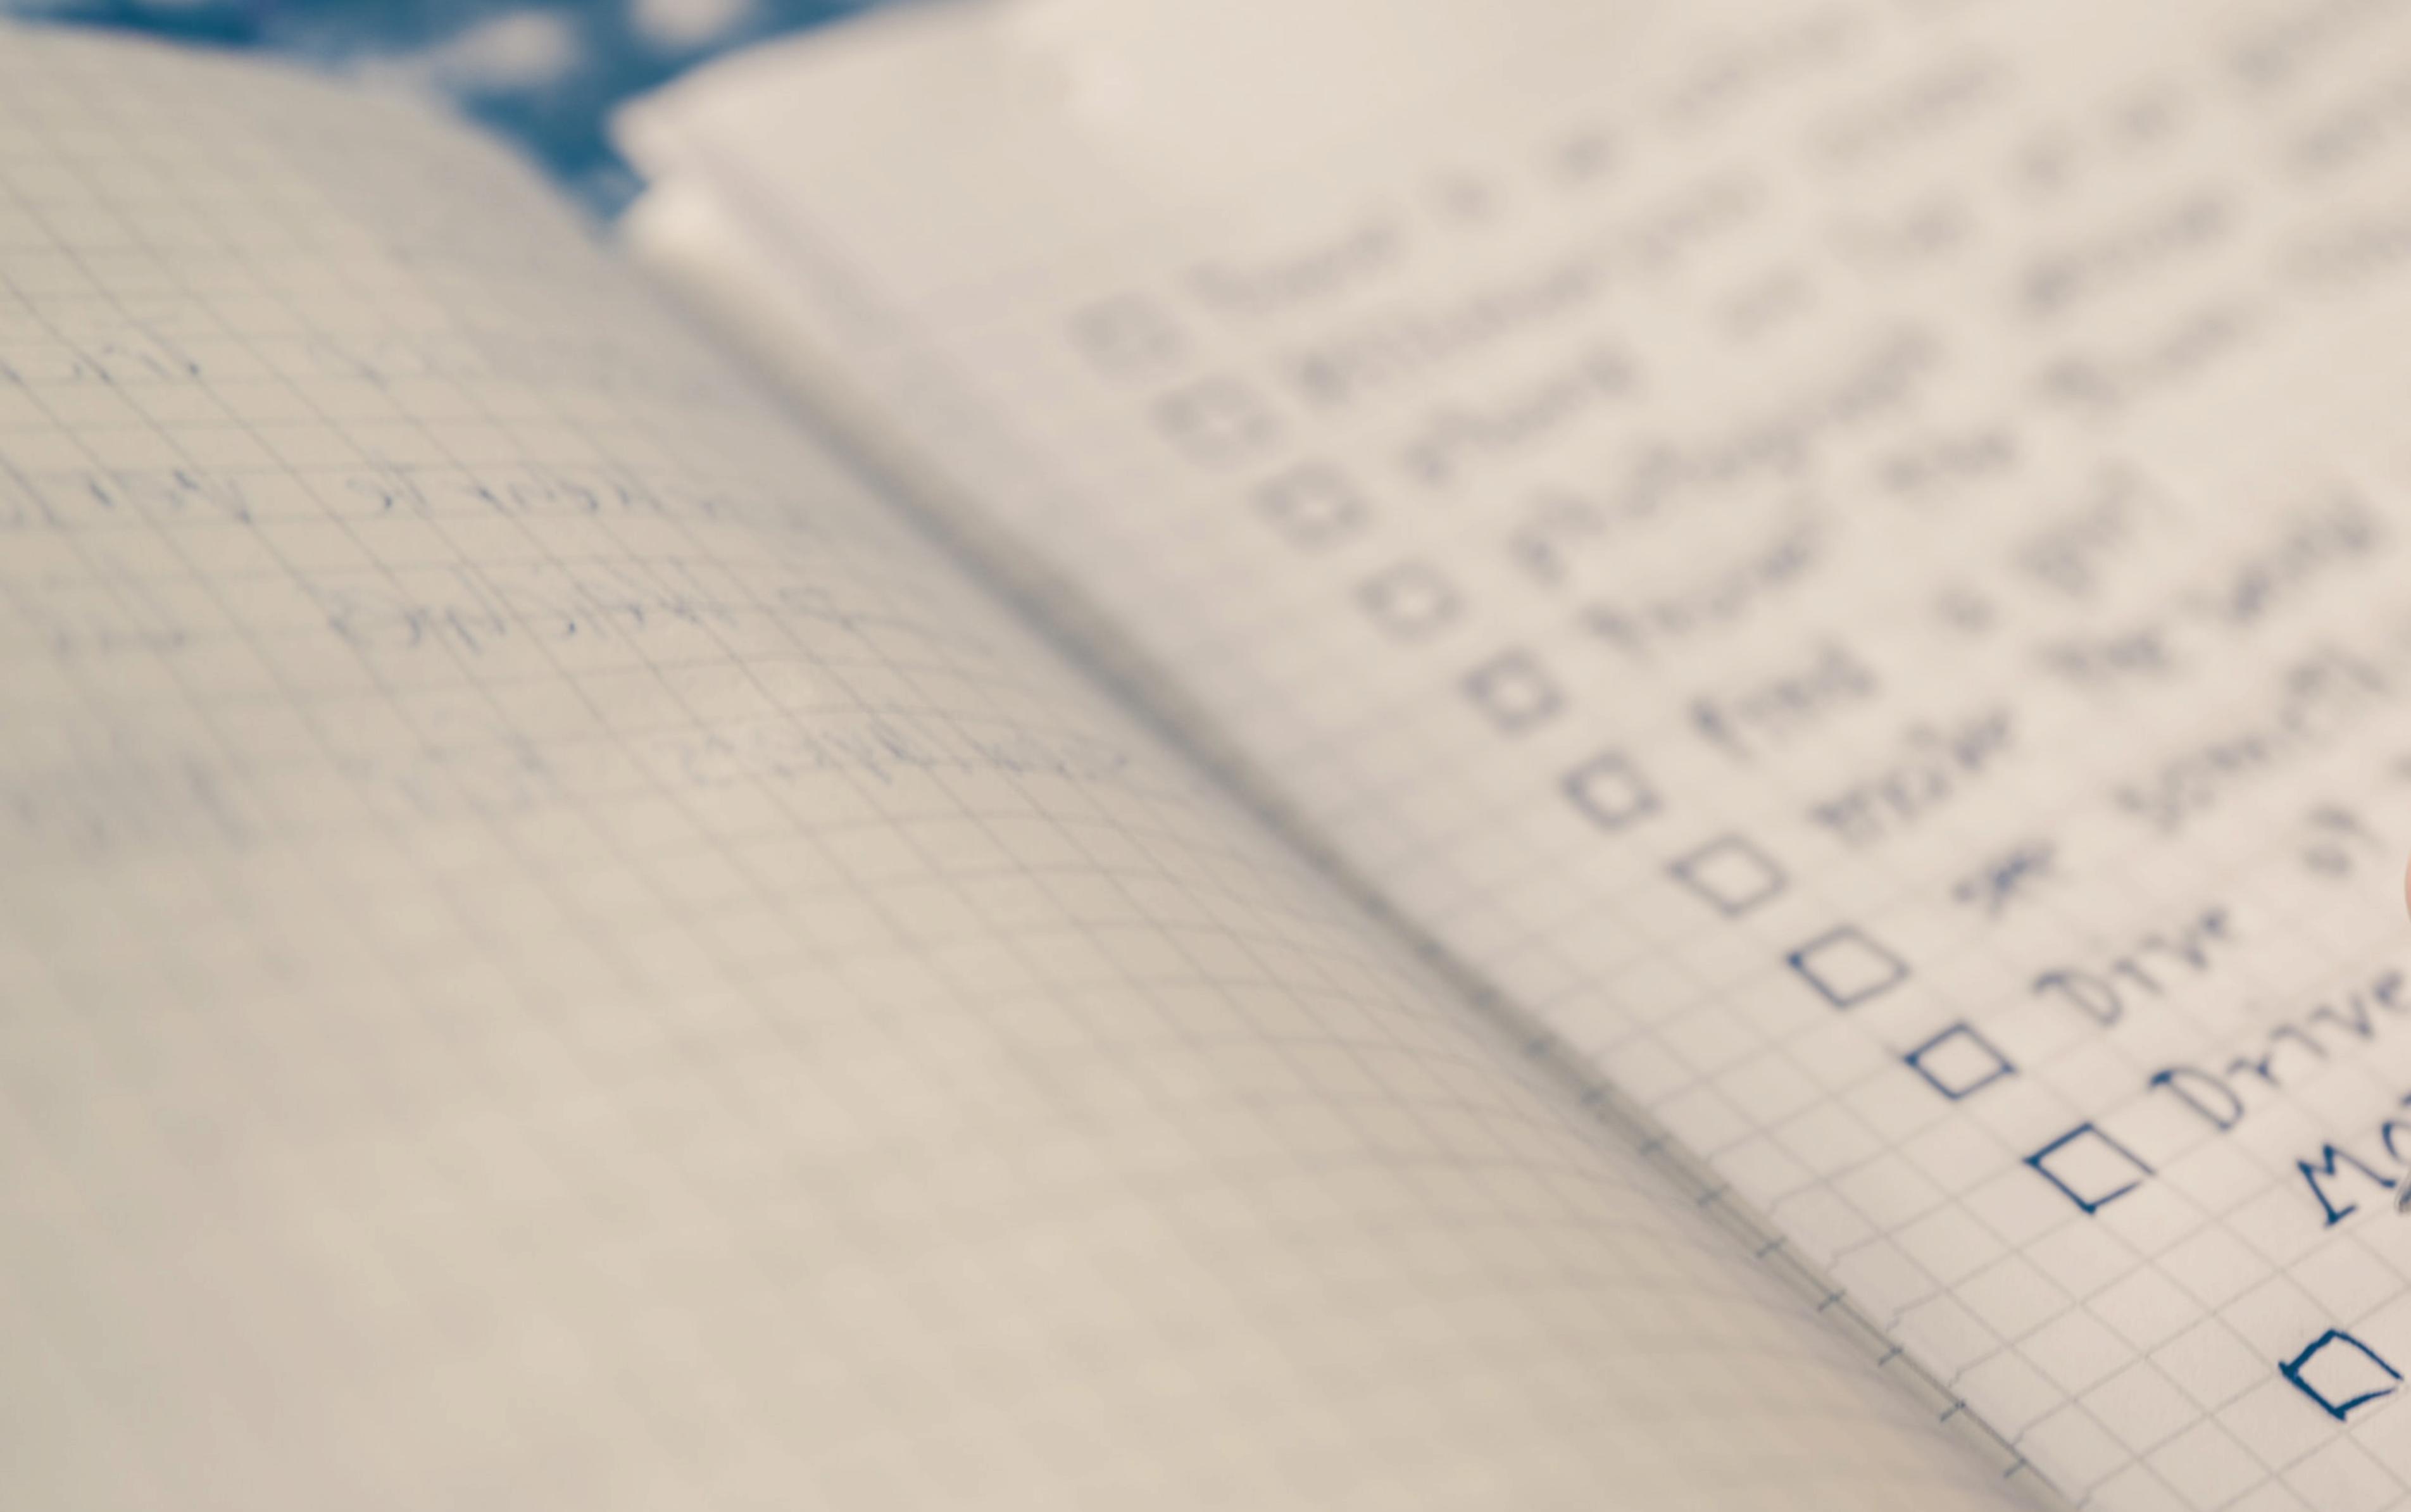 A notebook with handwritten checklist.